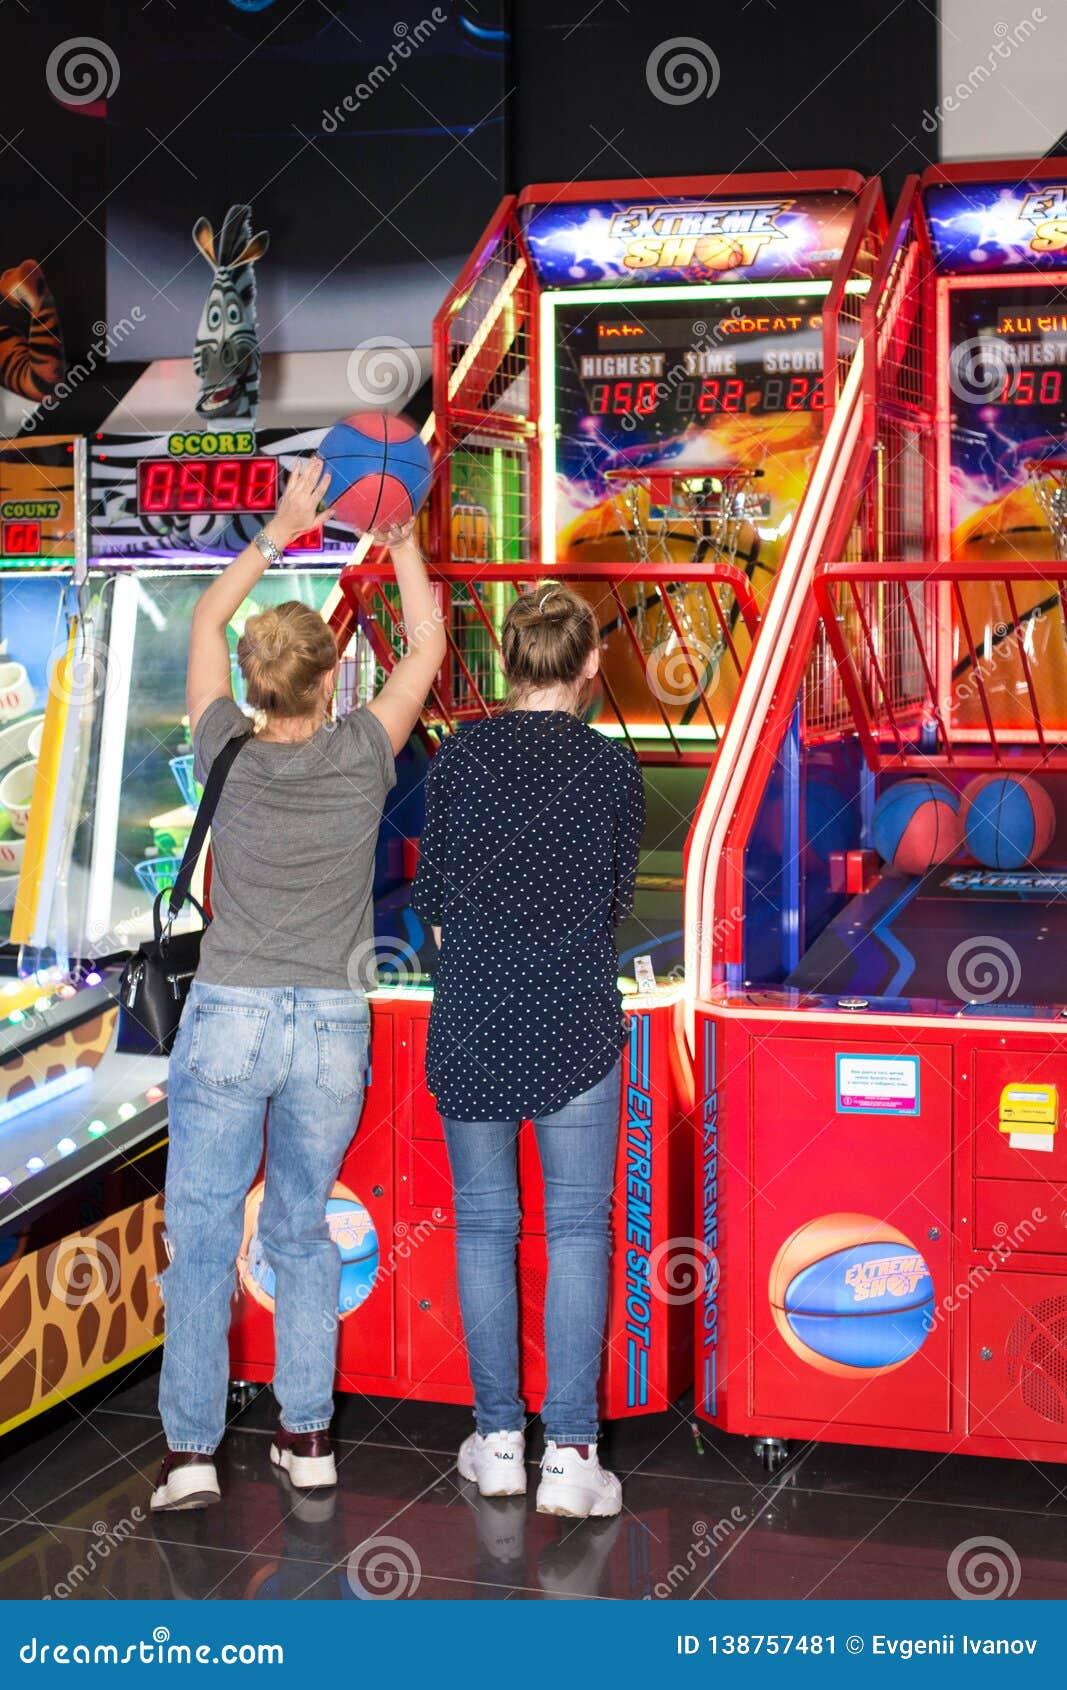 Παιχνίδι παιδιών και ενηλίκων στα μηχανήματα τυχερών παιχνιδιών με κέρματα, έλξη στο εμπορικό κέντρο Οι οικογένειες με τα παιδιά